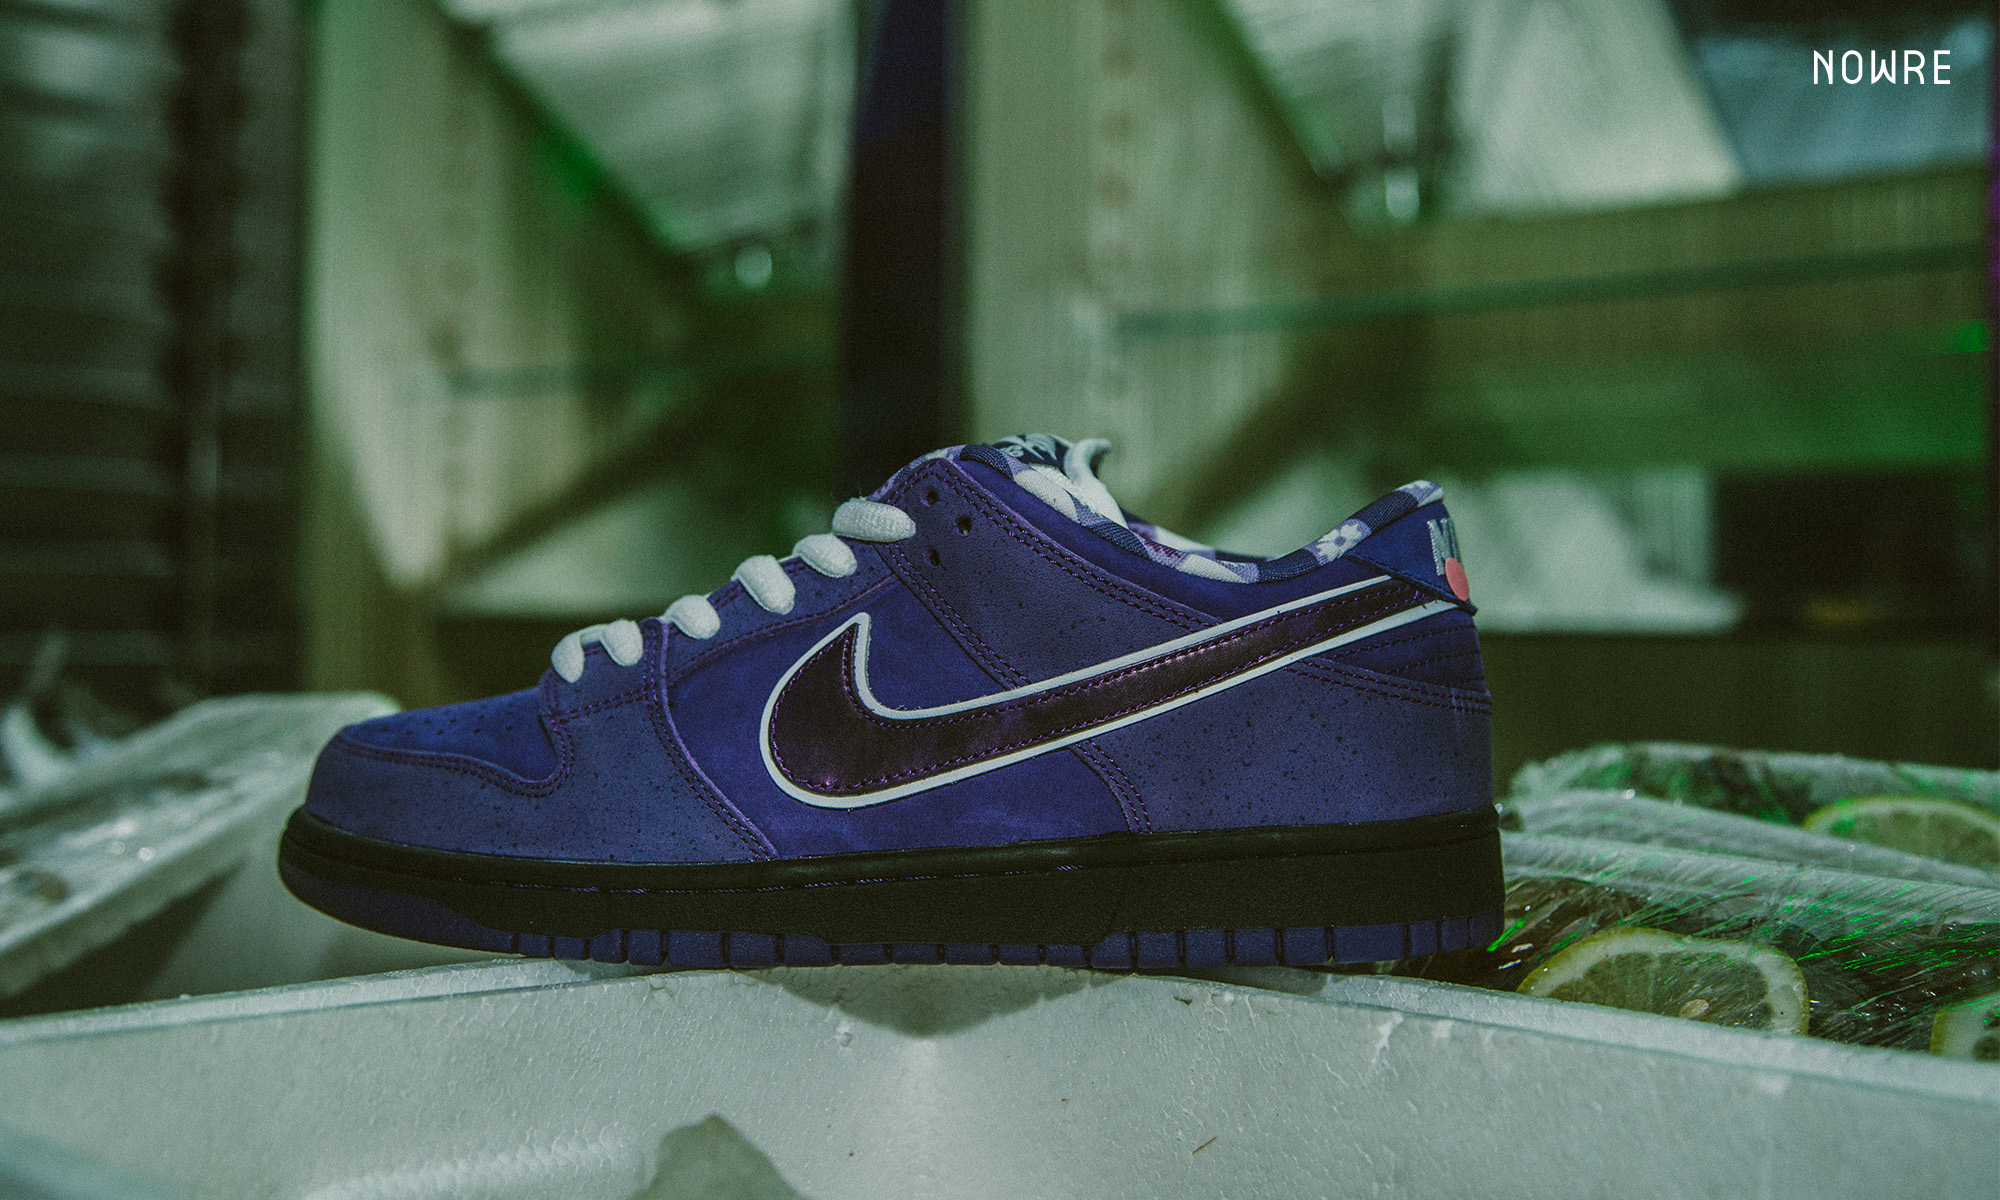 上海一场被叫停的球鞋发售活动…